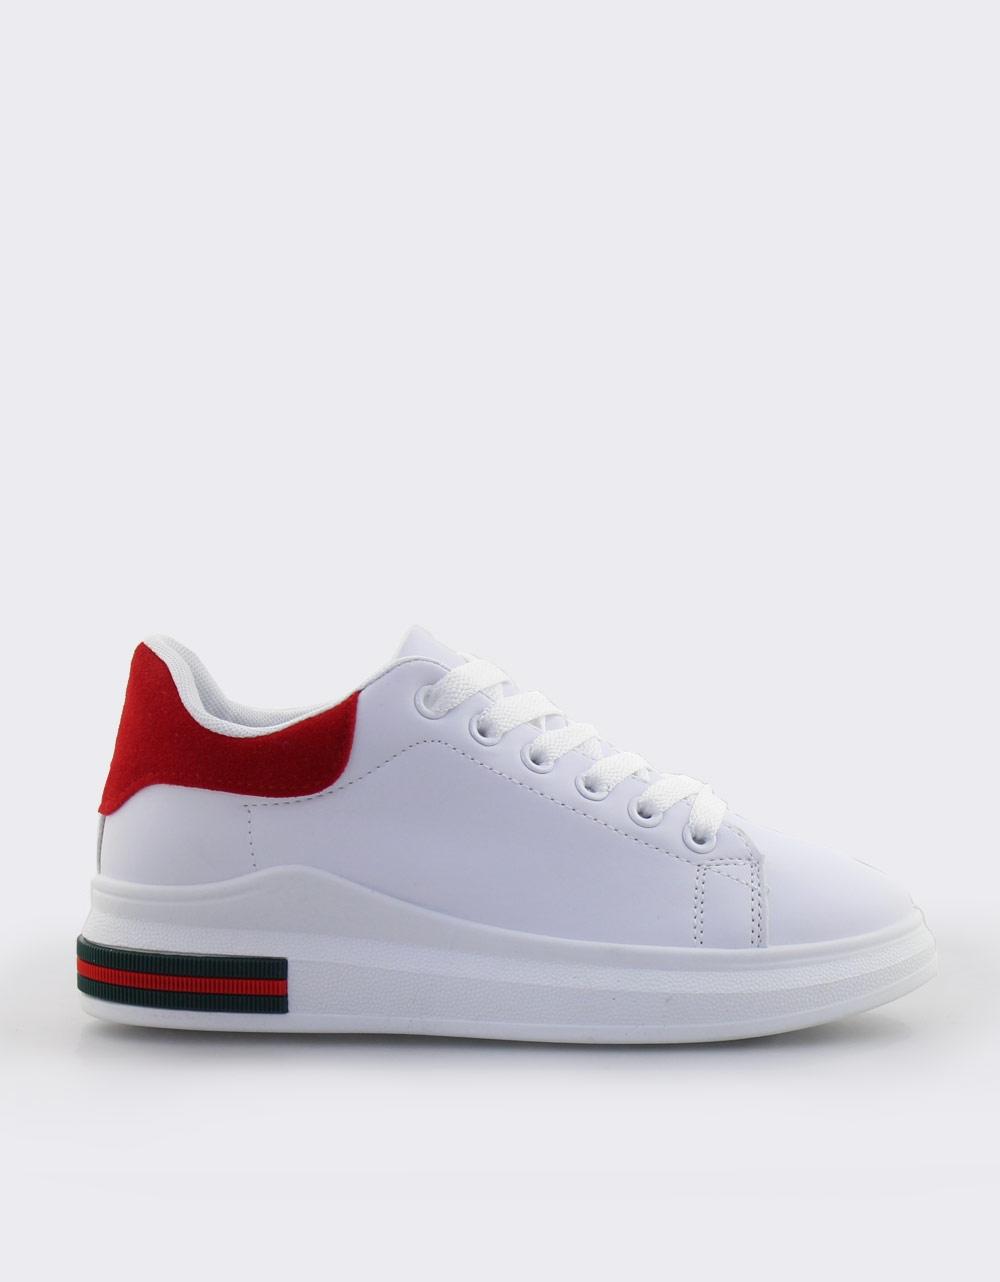 Εικόνα από Γυναικεία sneakers με δίχρωμο σχέδιο Λευκό/Κόκκινο